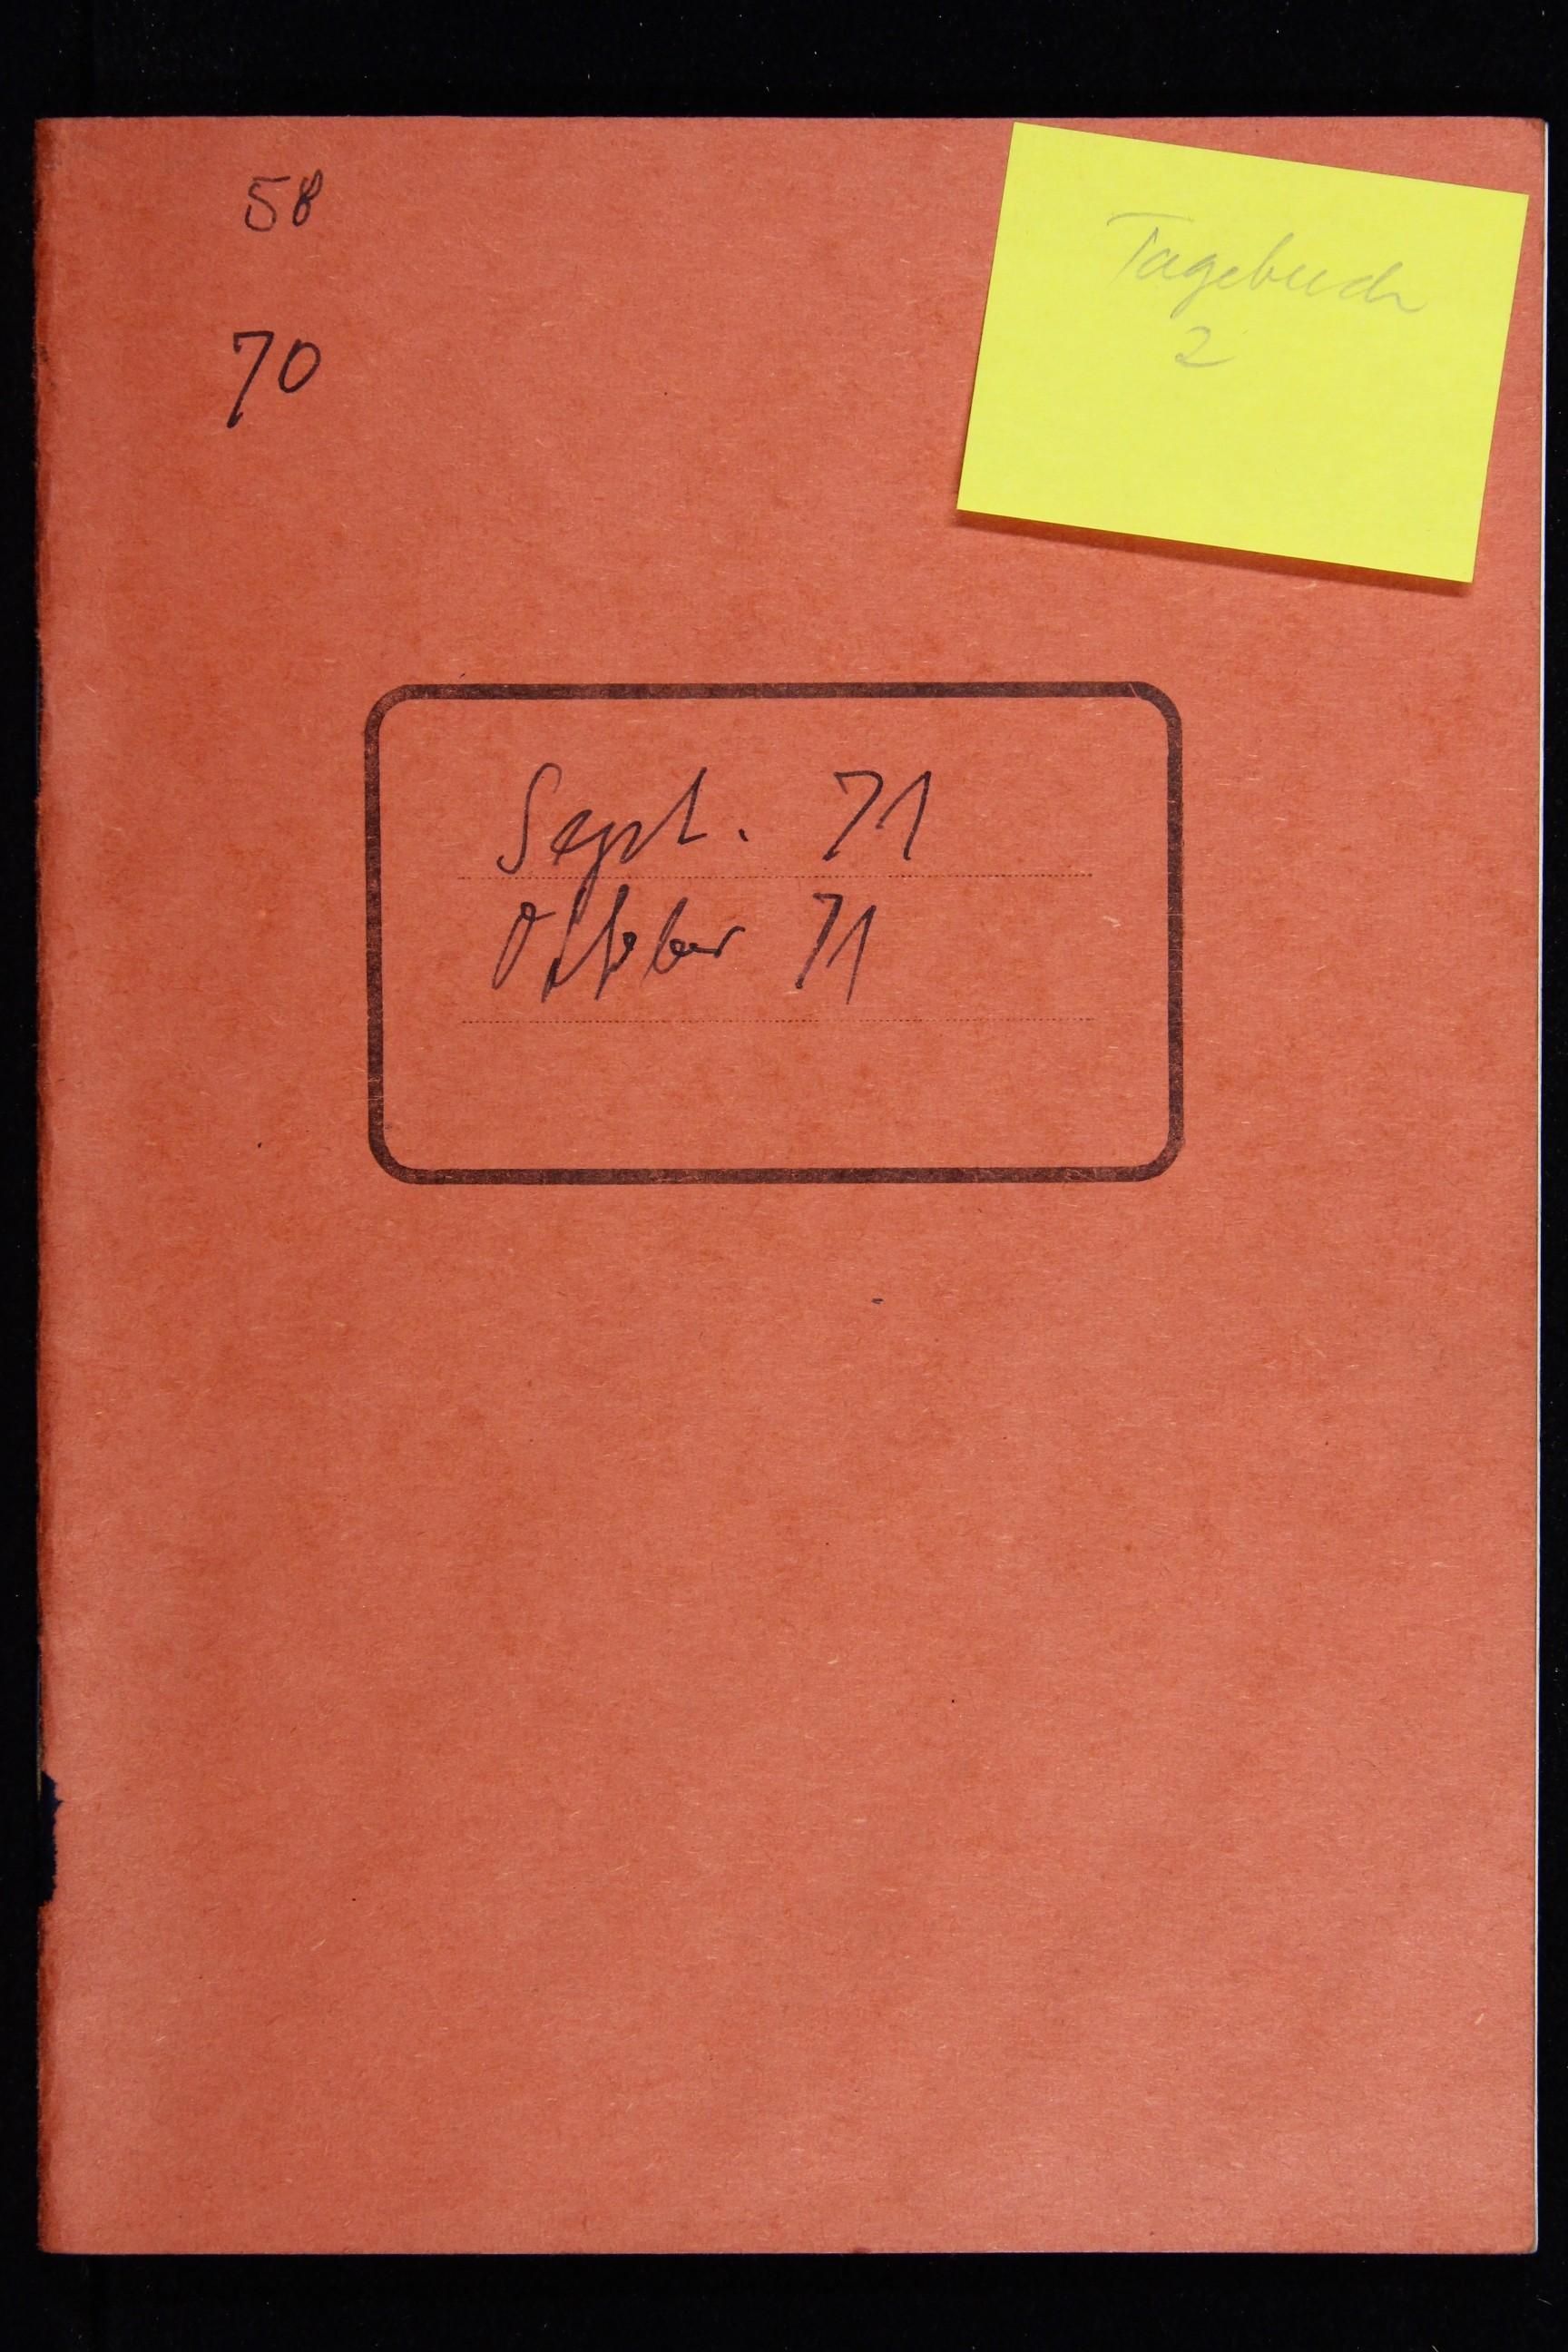 Notizbuch Hartmut Skerbisch (Inventarnr. 2) von Hartmut Skerbisch